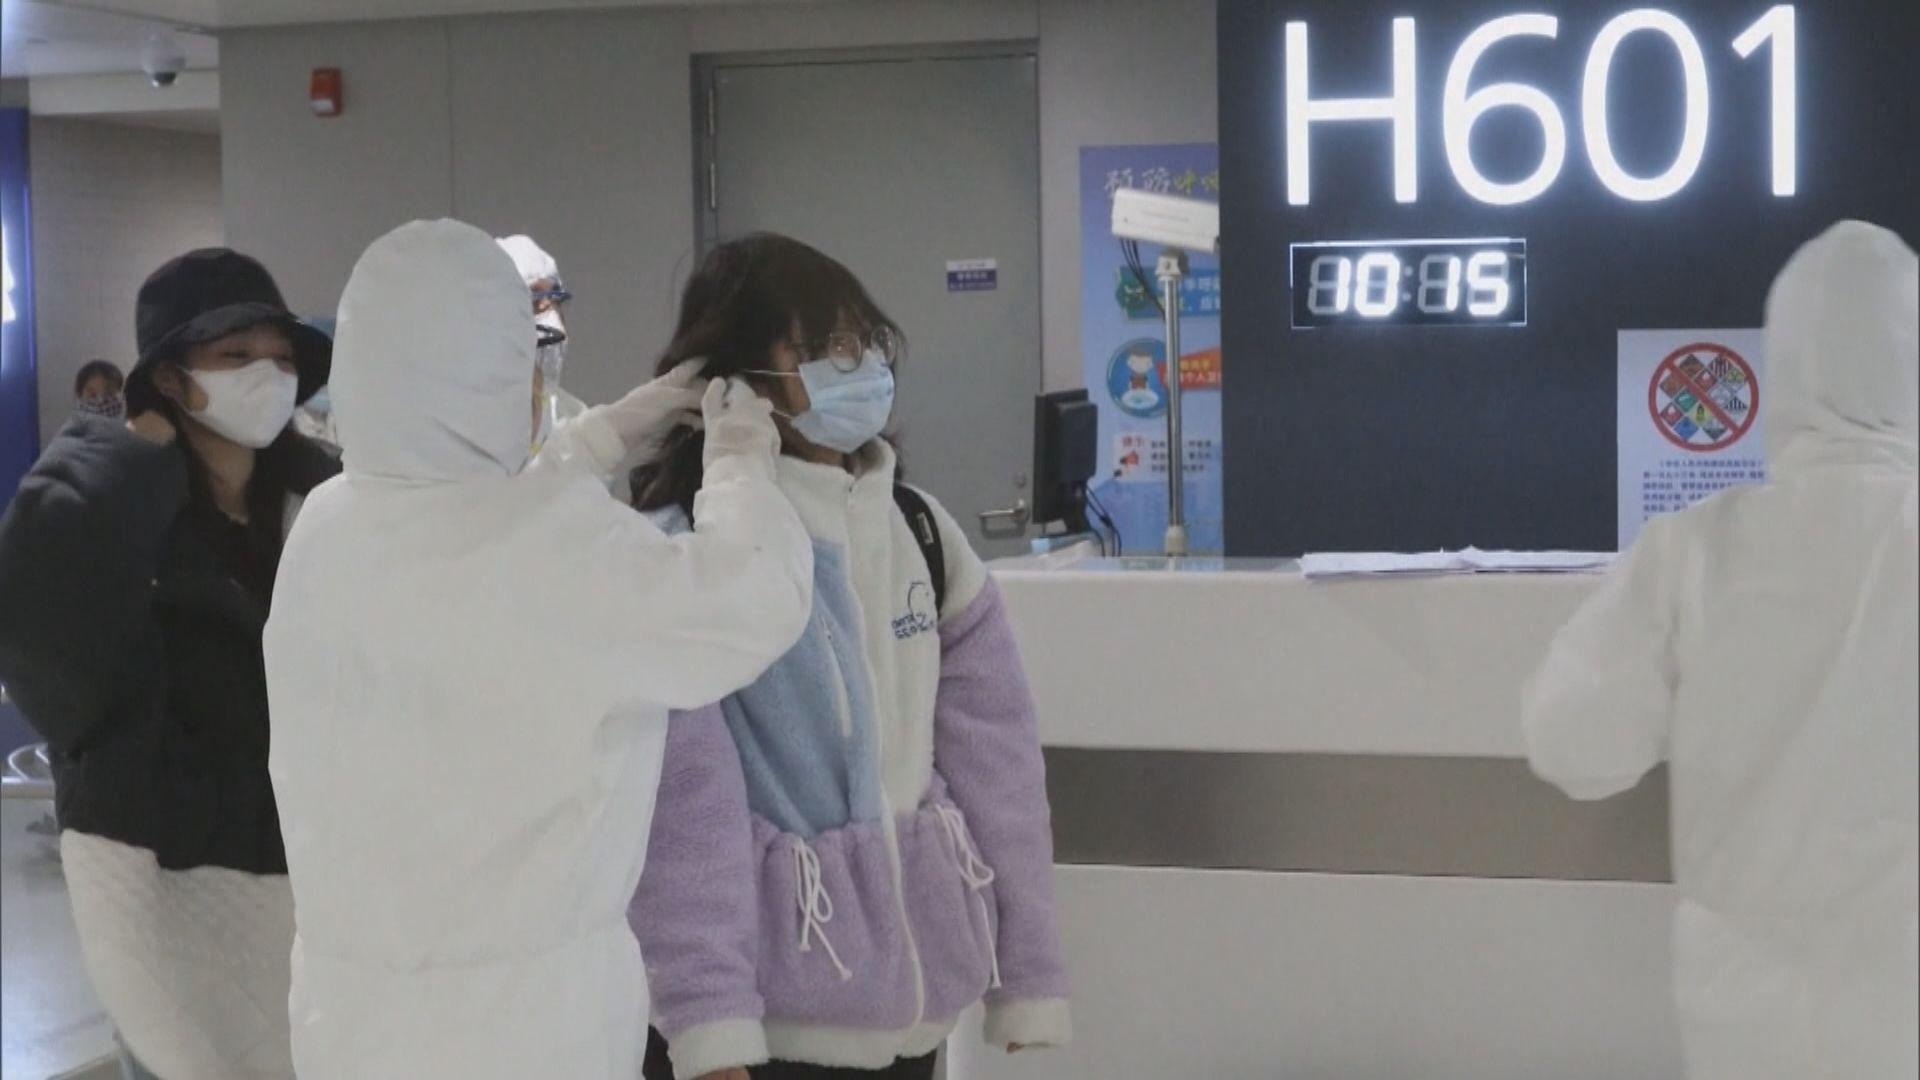 上海有多宗輸入病例 啟動航班熔斷機制